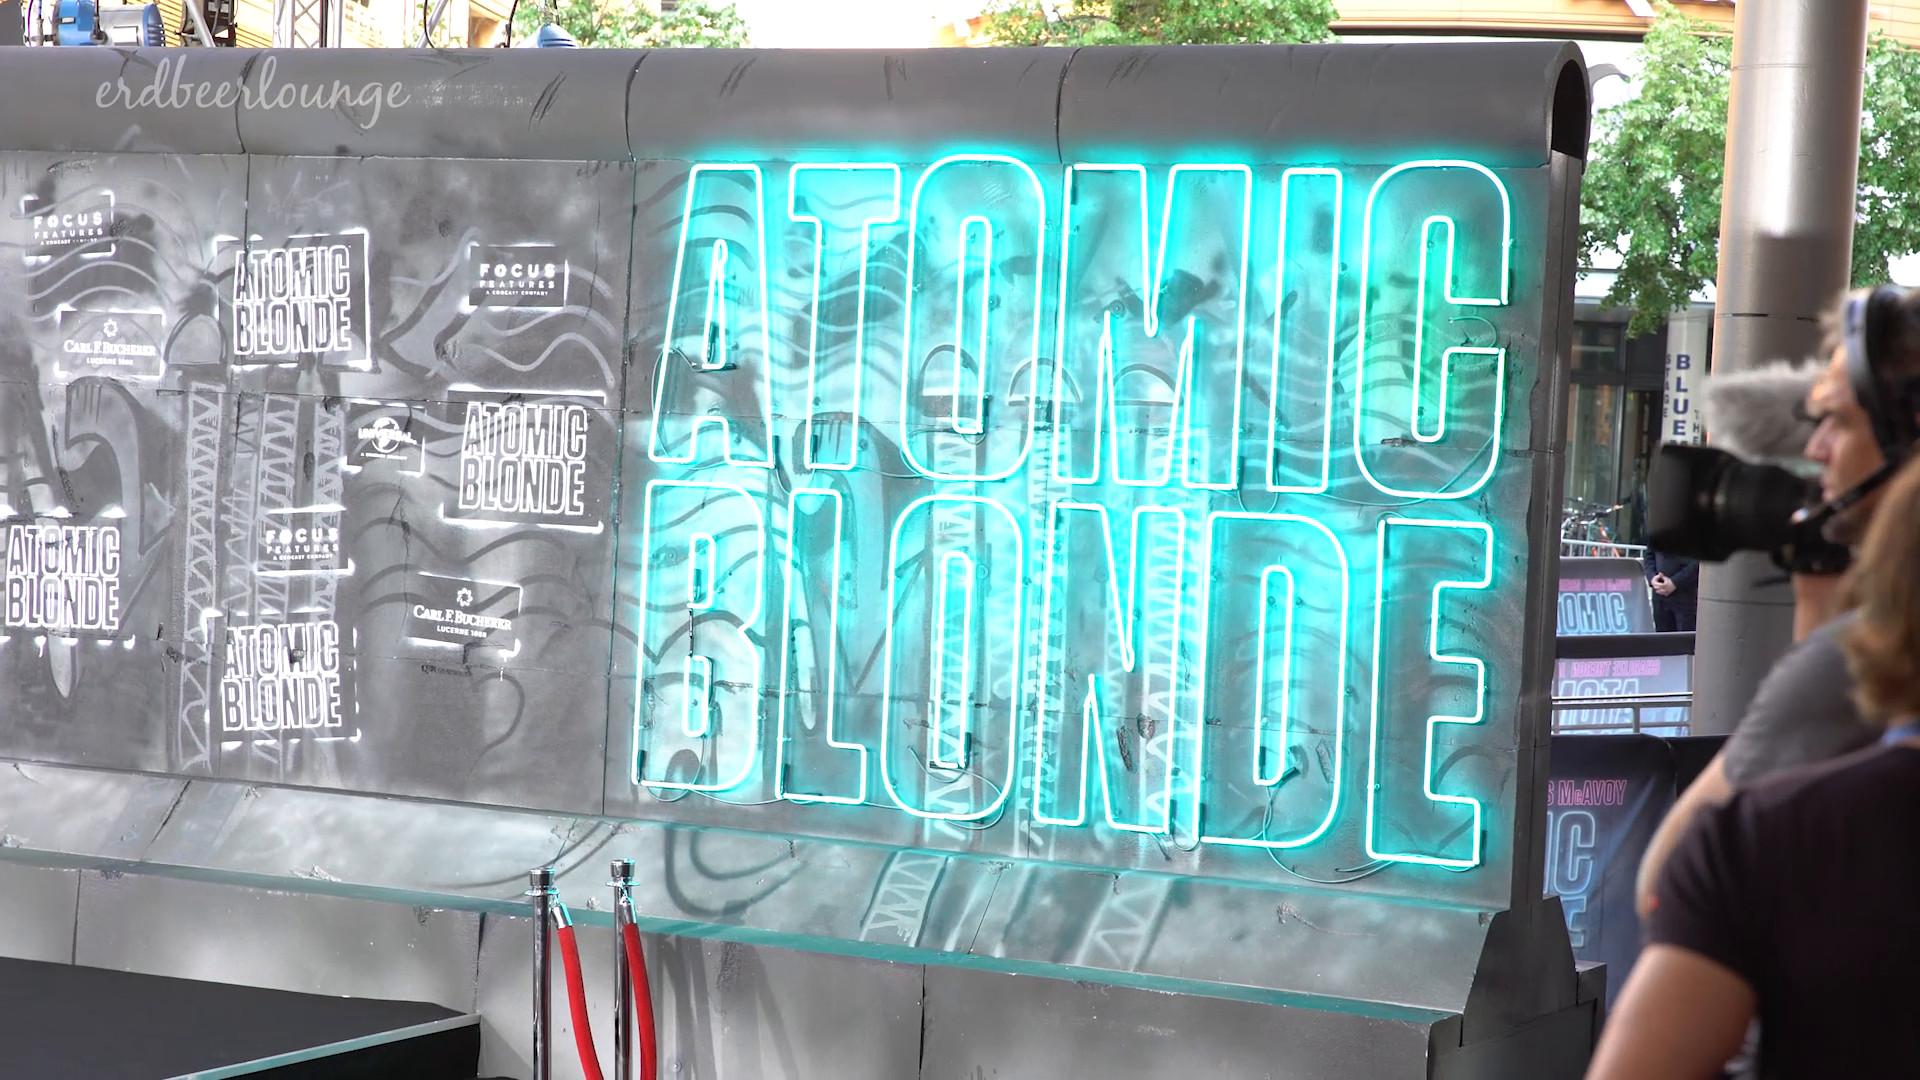 AtomicBlondPremiere1080pFINALrender.mp4: image 0